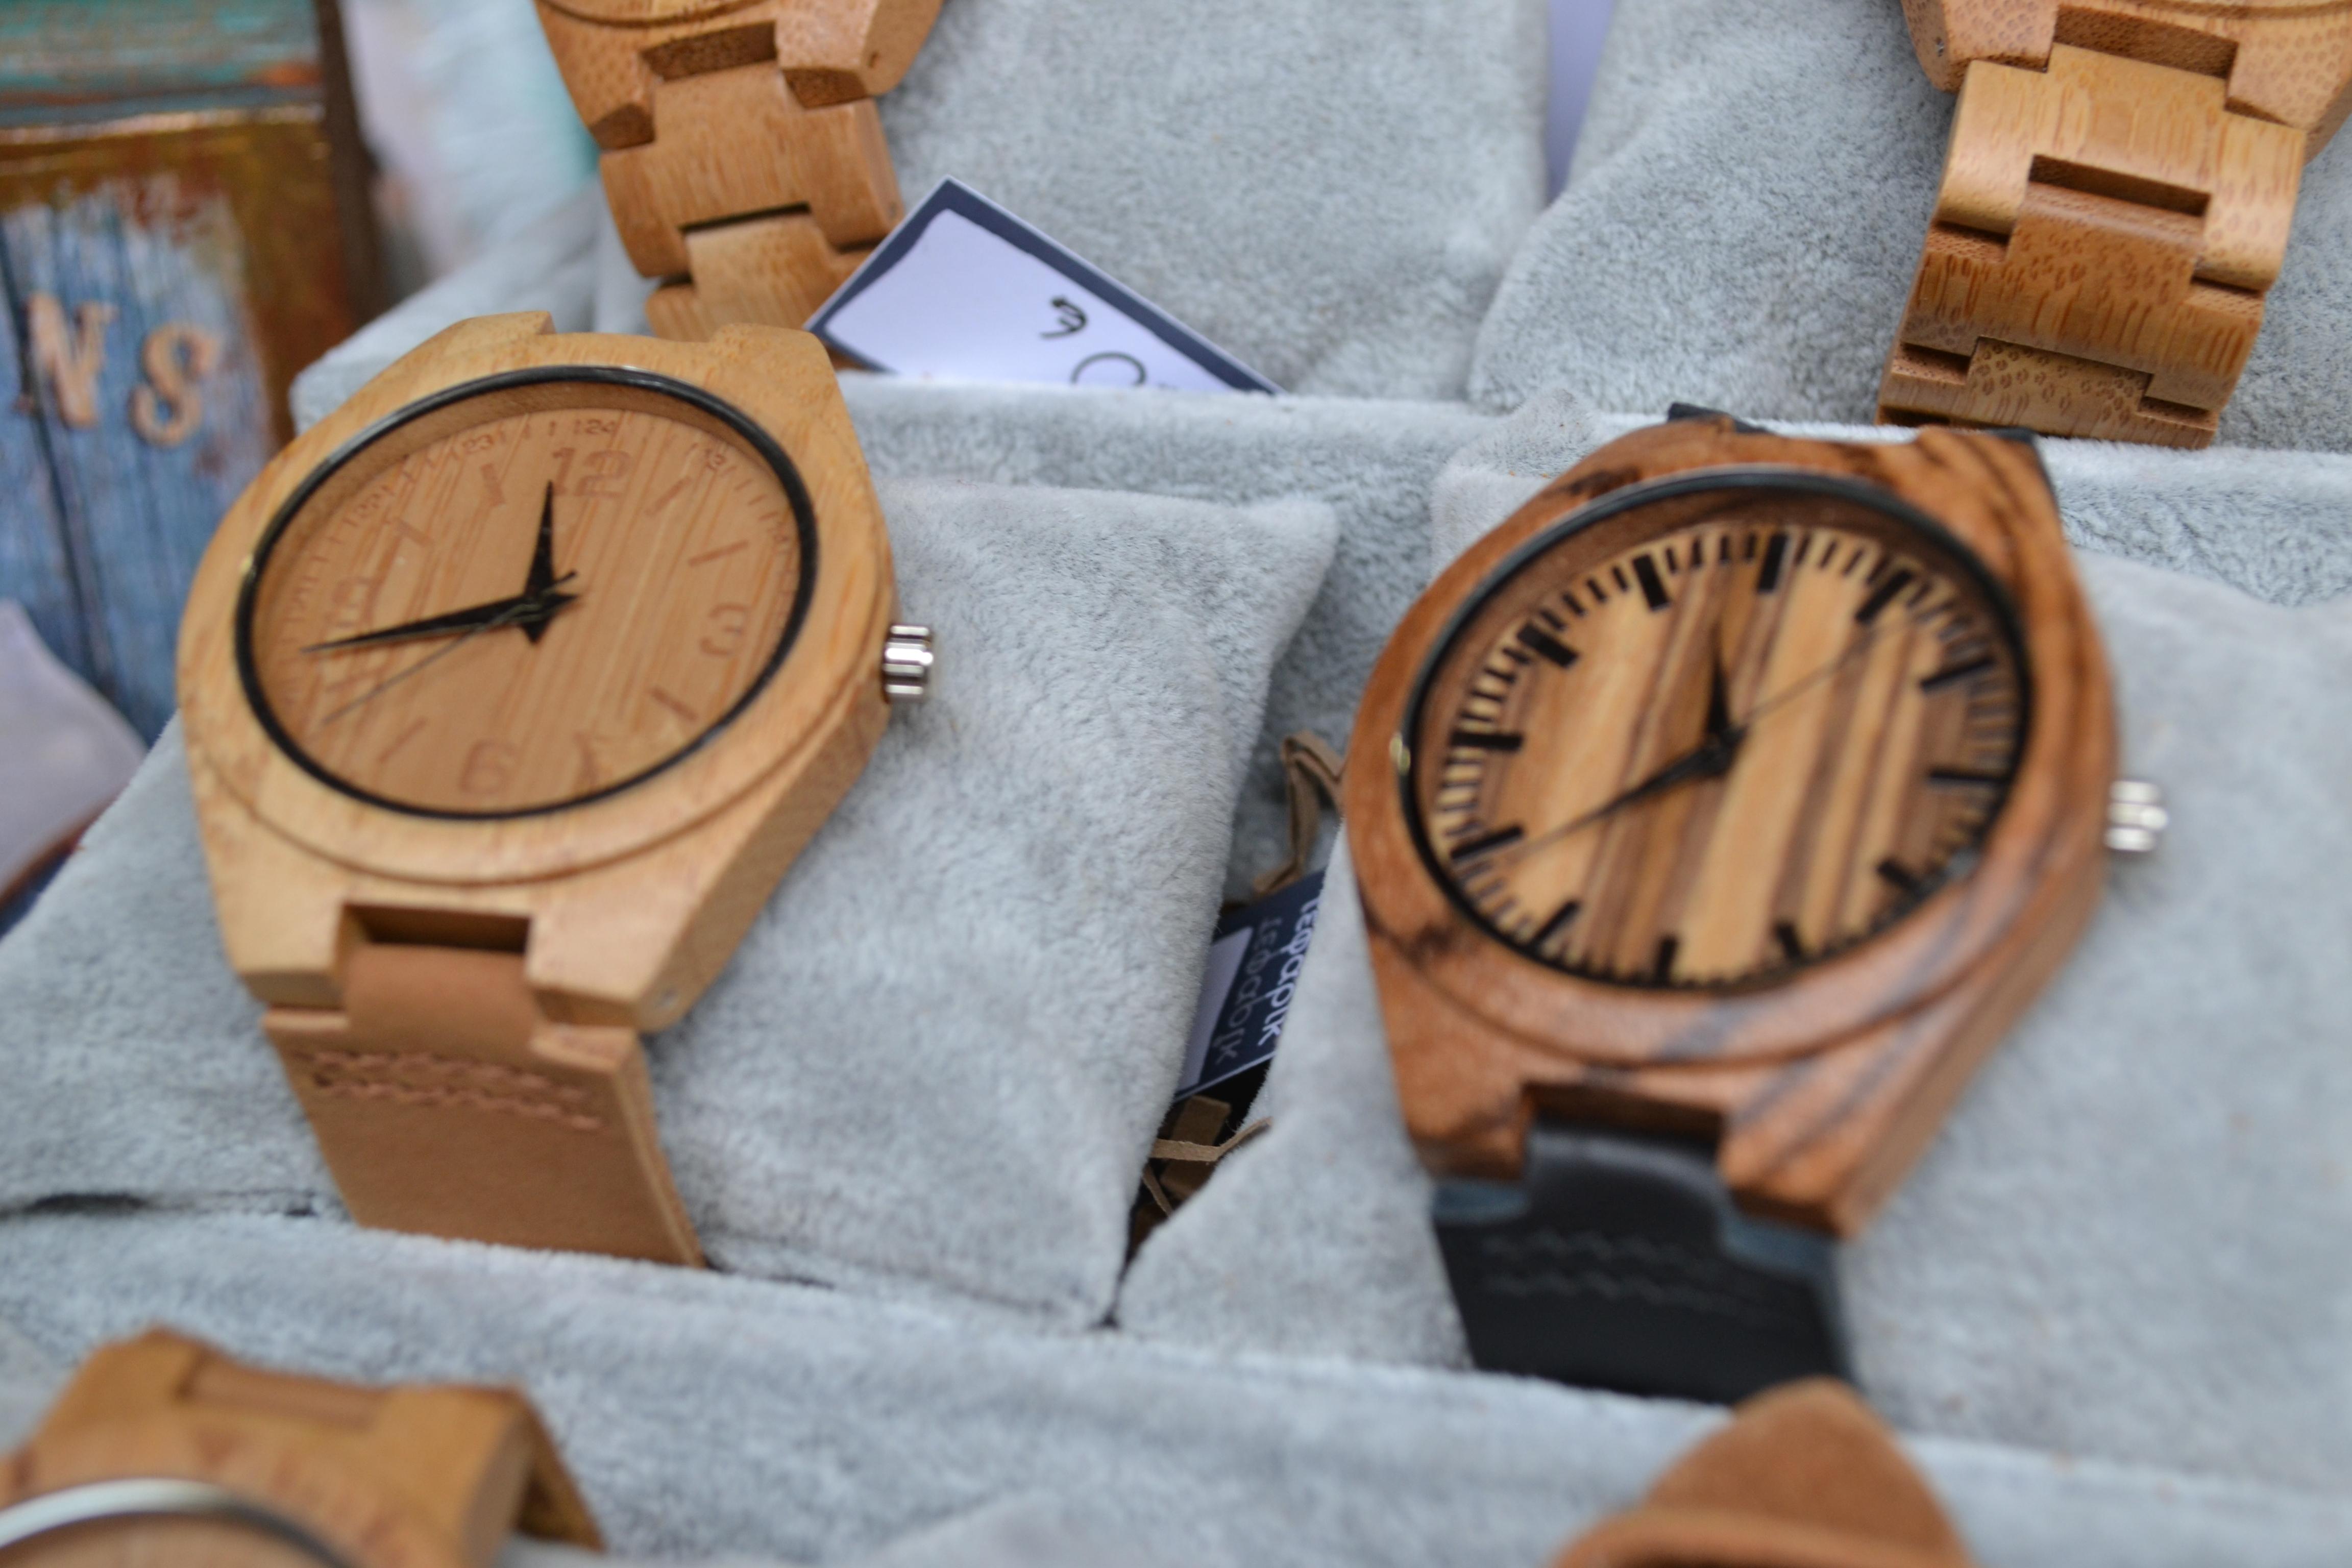 Τα ξύλινα… ρολόγια που κάνουν θραύση - Karfitsa.gr e1f9cdc8bca